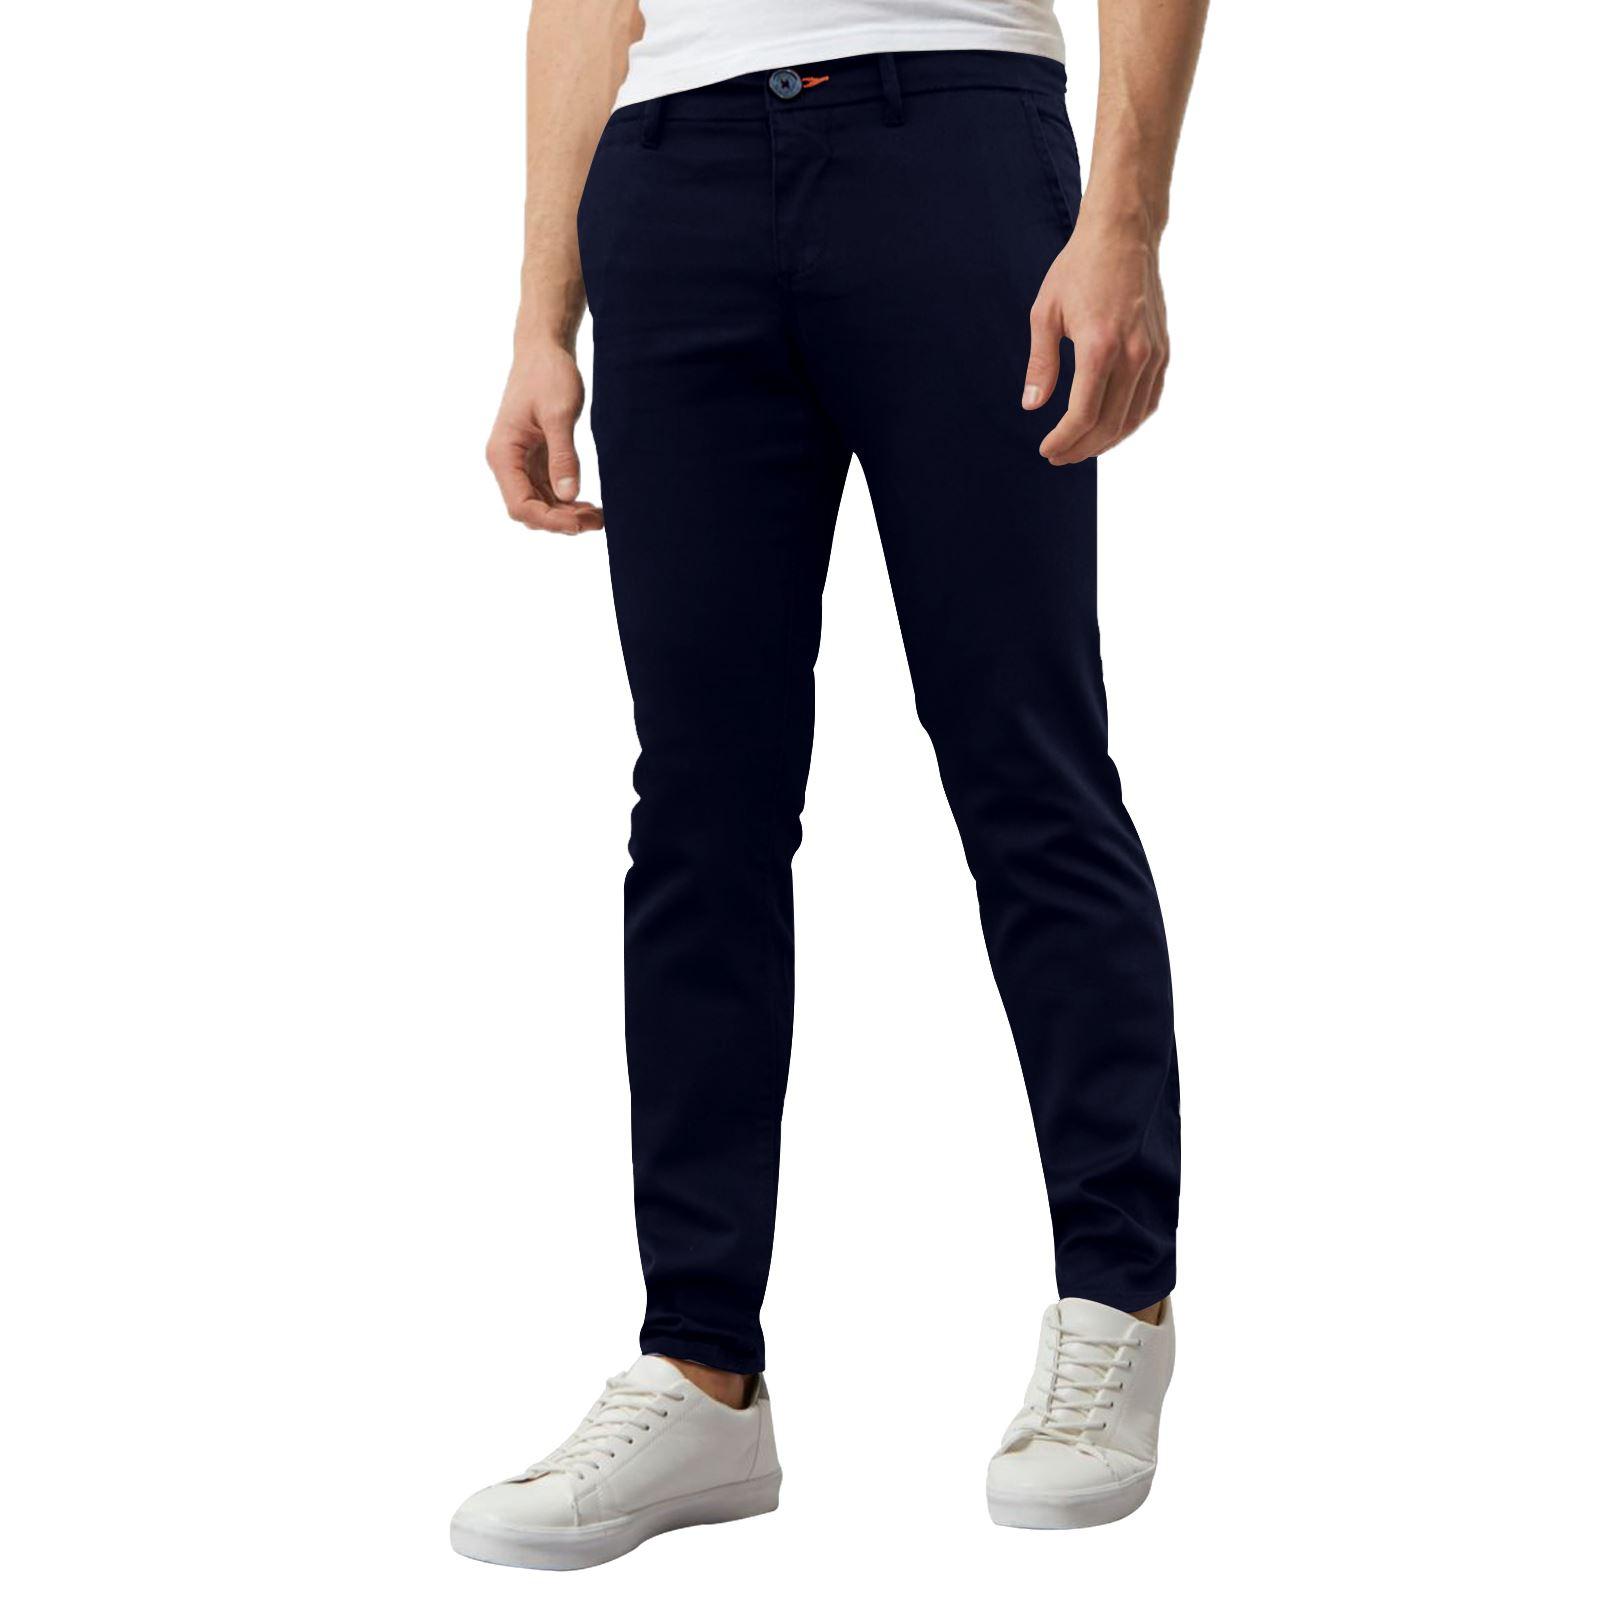 Jeans-Para-Hombre-de-Disenador-Nuevo-chinos-Elastizados-ajustados-Calce-Ajustado-Pantalones-todos miniatura 22